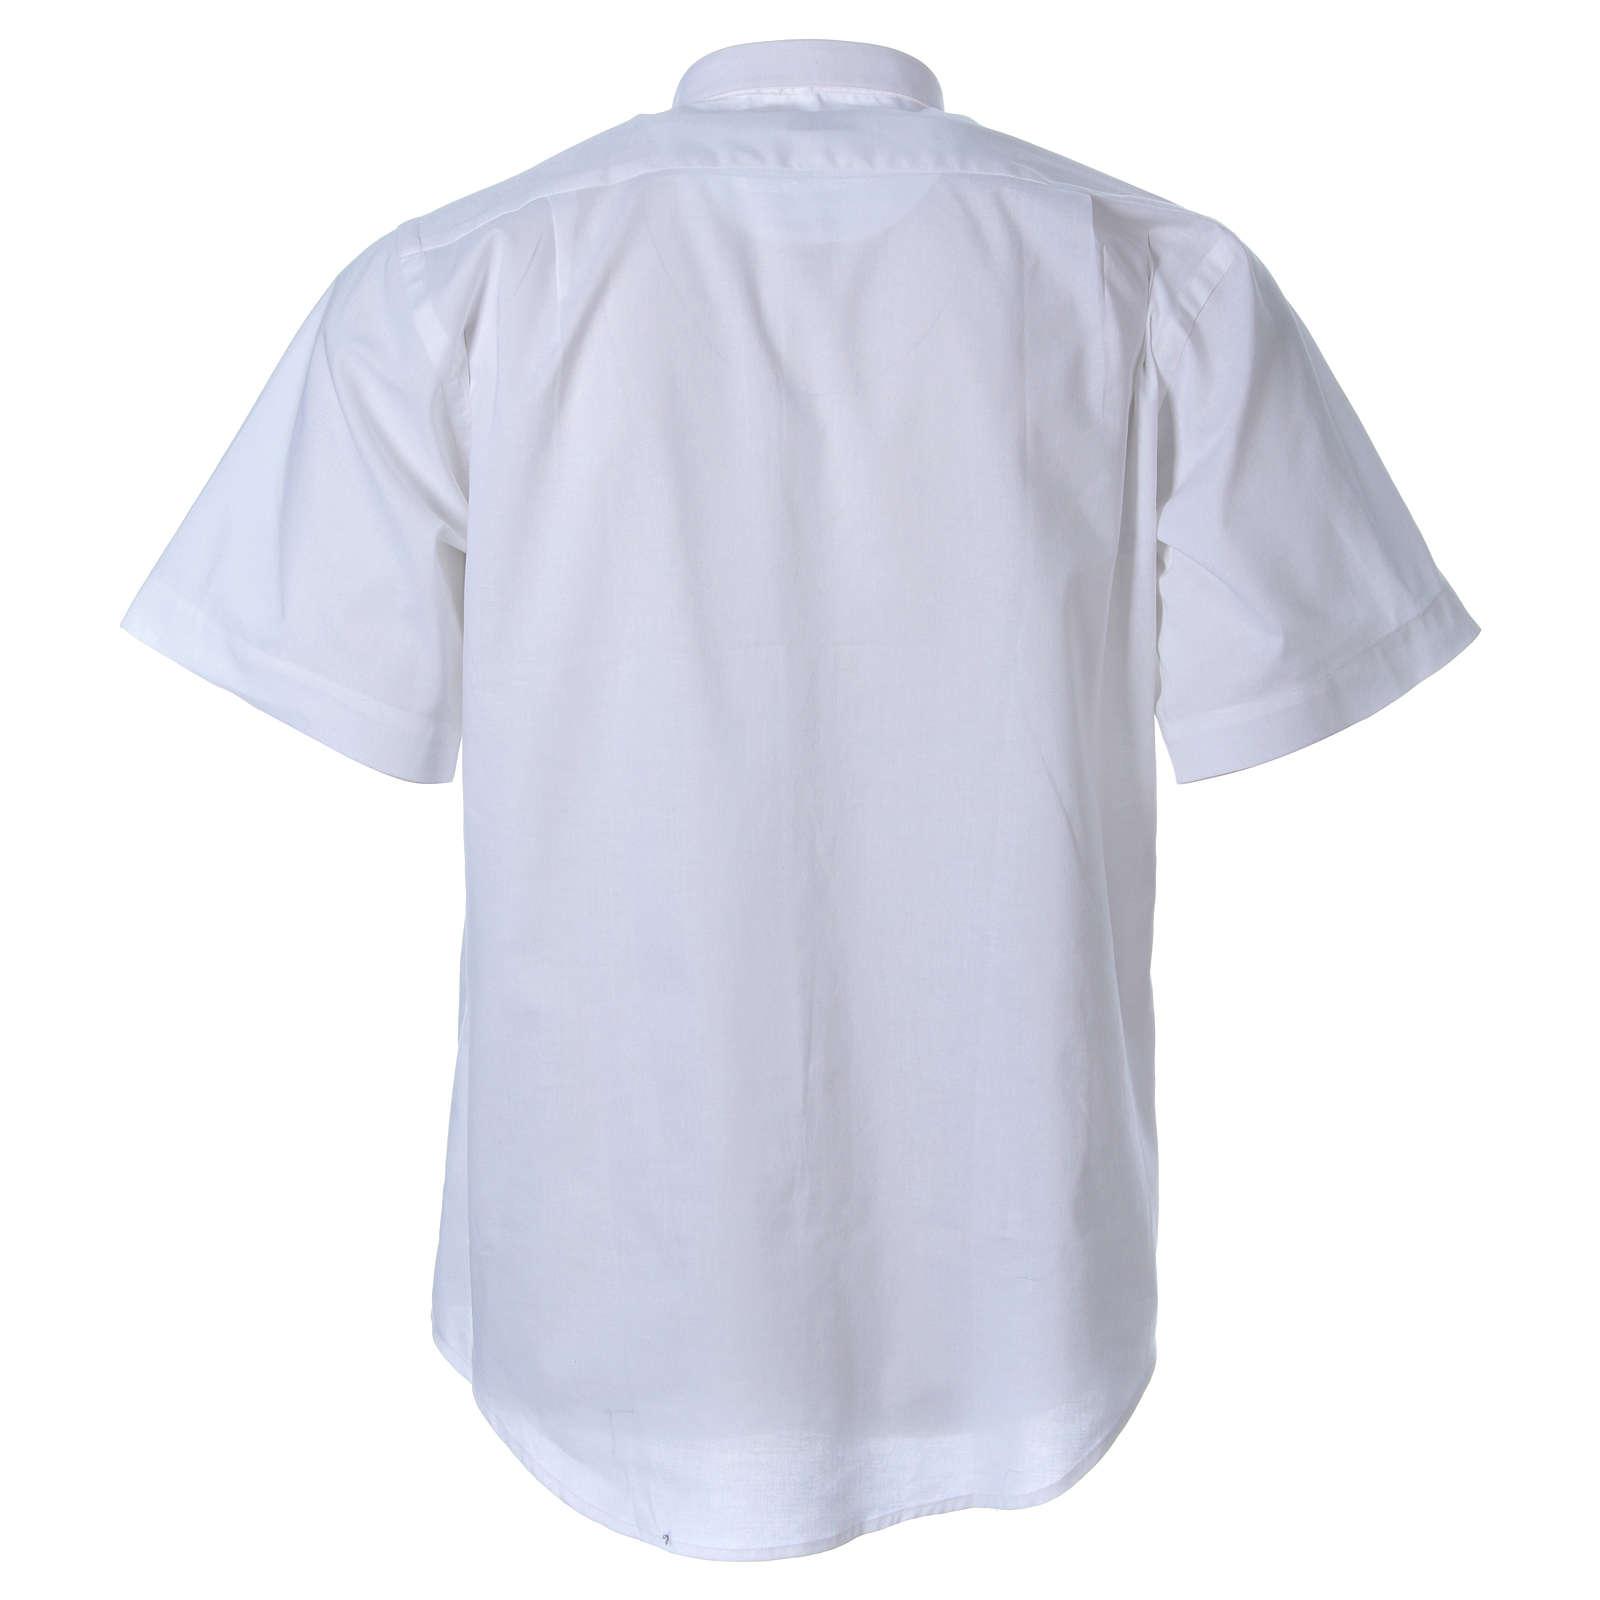 STOCK Camicia clergyman manica corta misto bianca 4